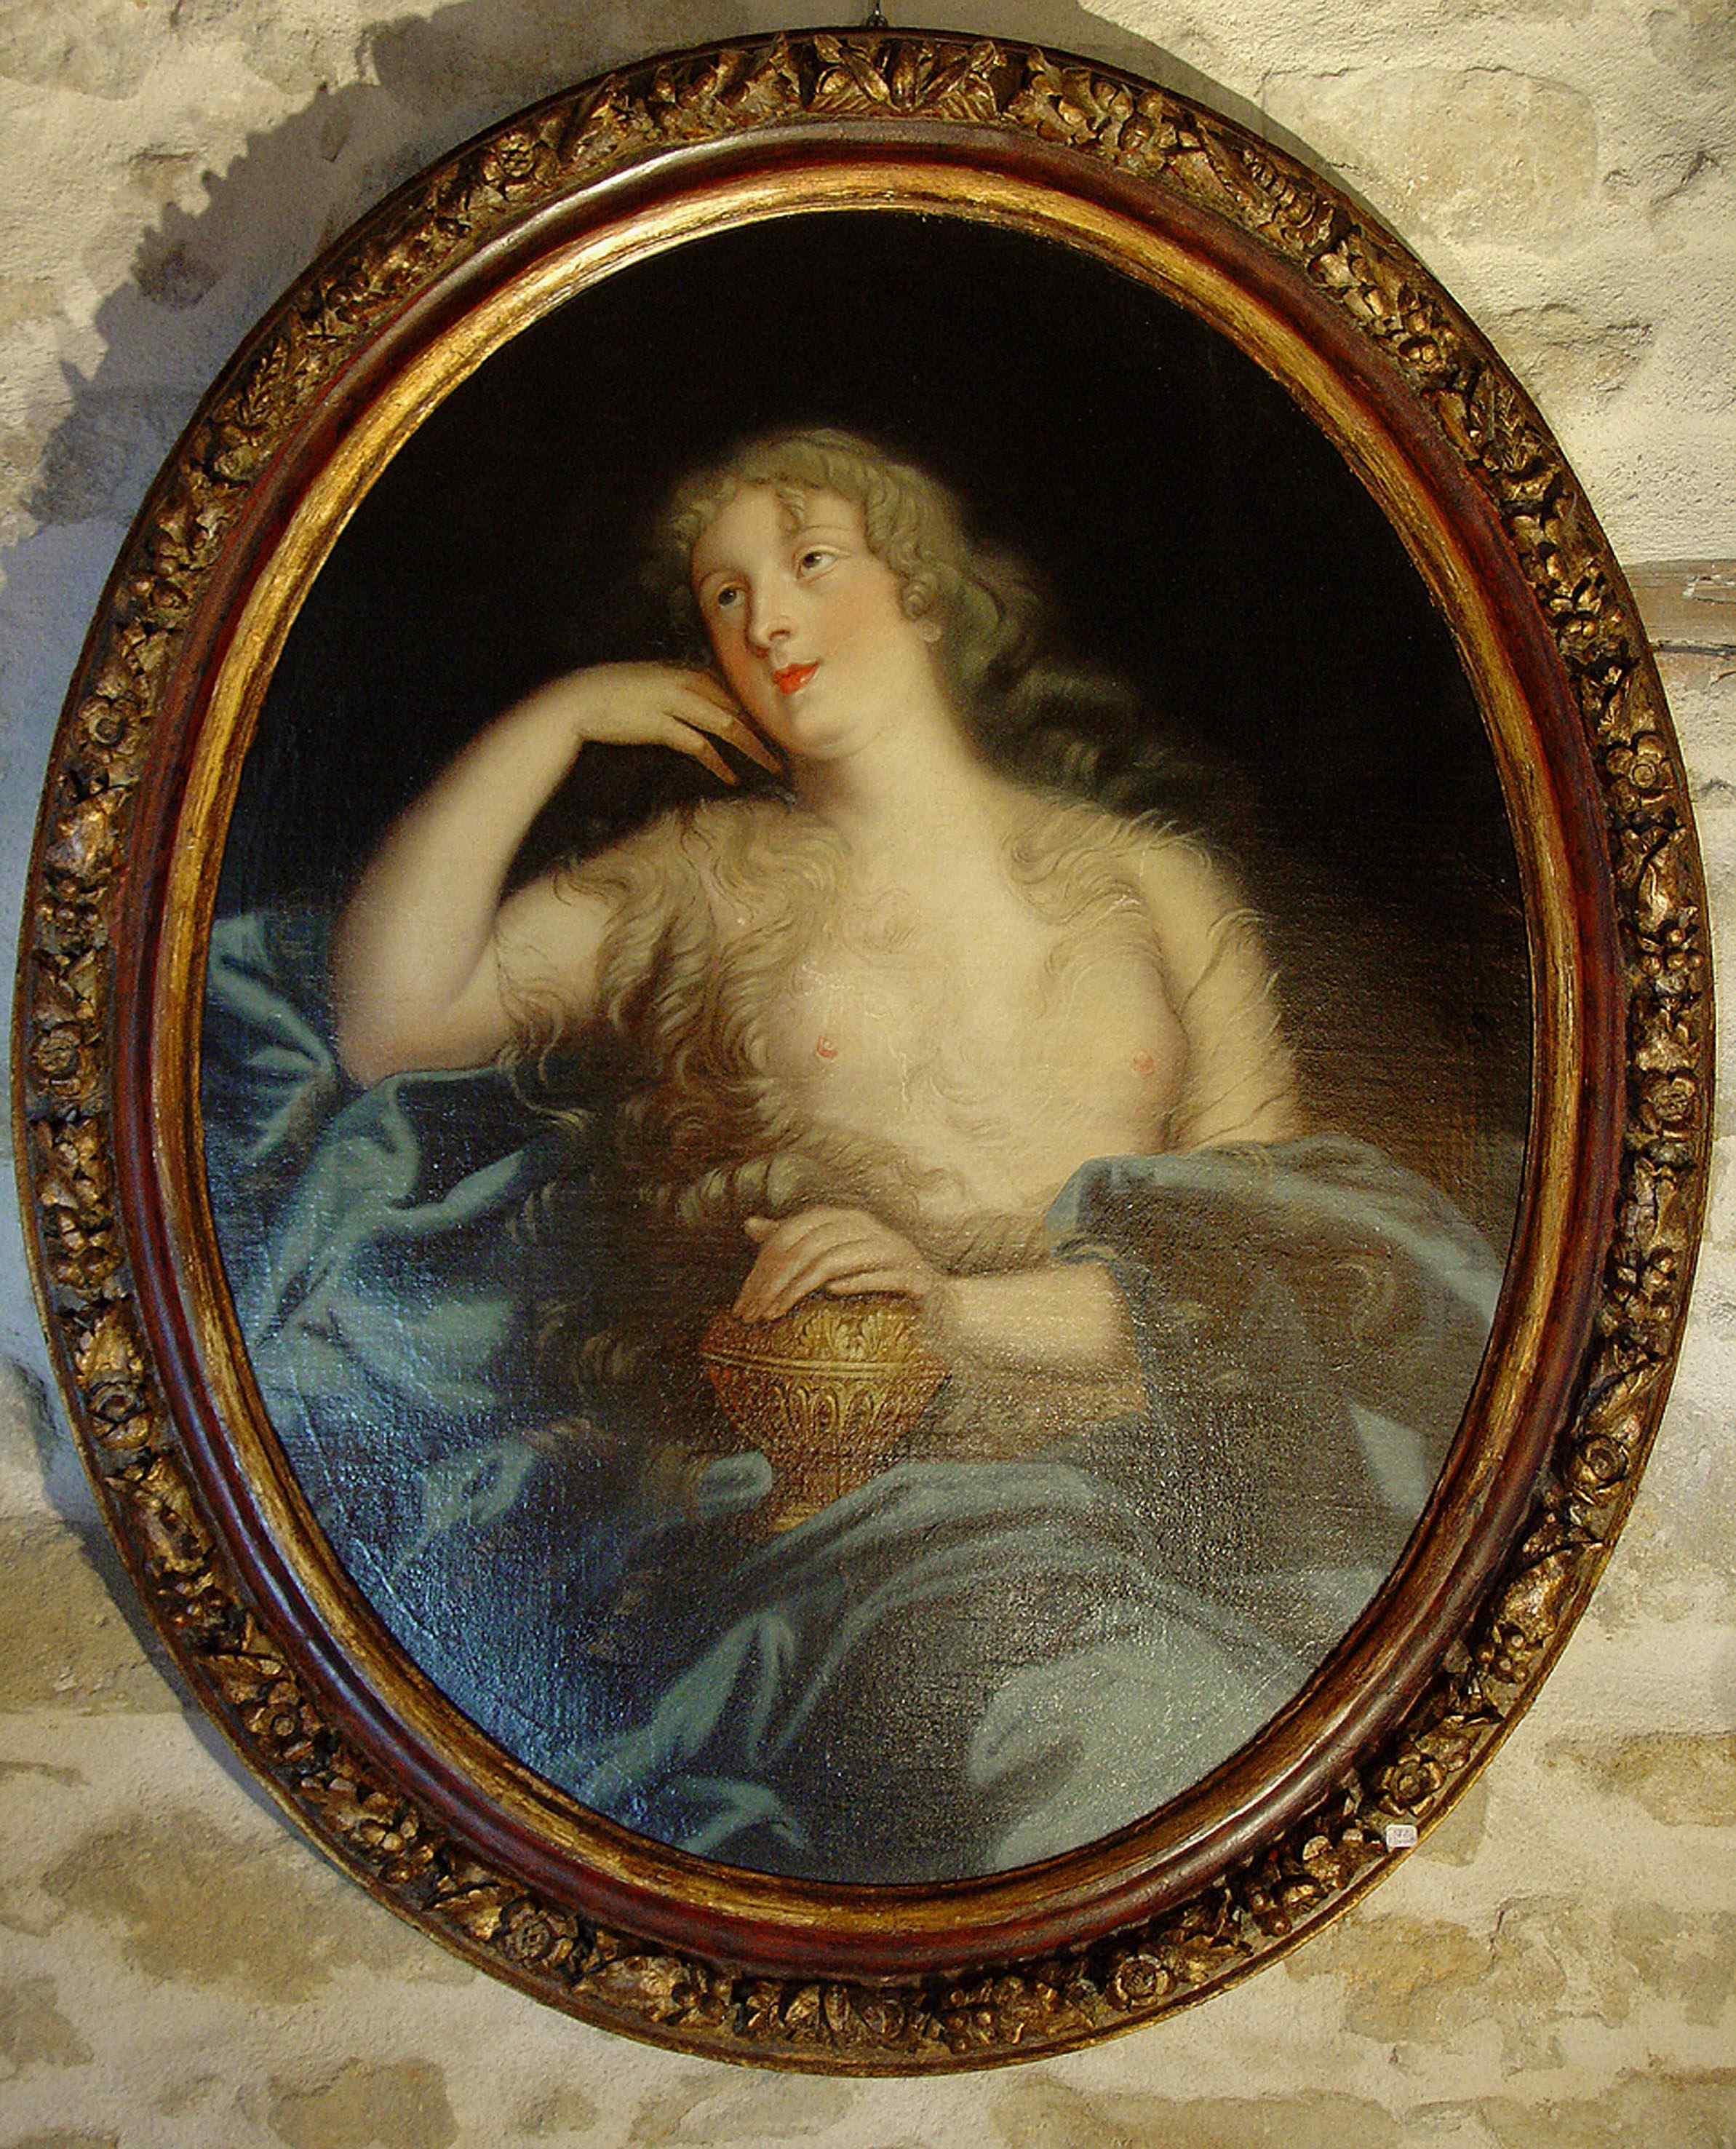 Pittura del XVII secolo